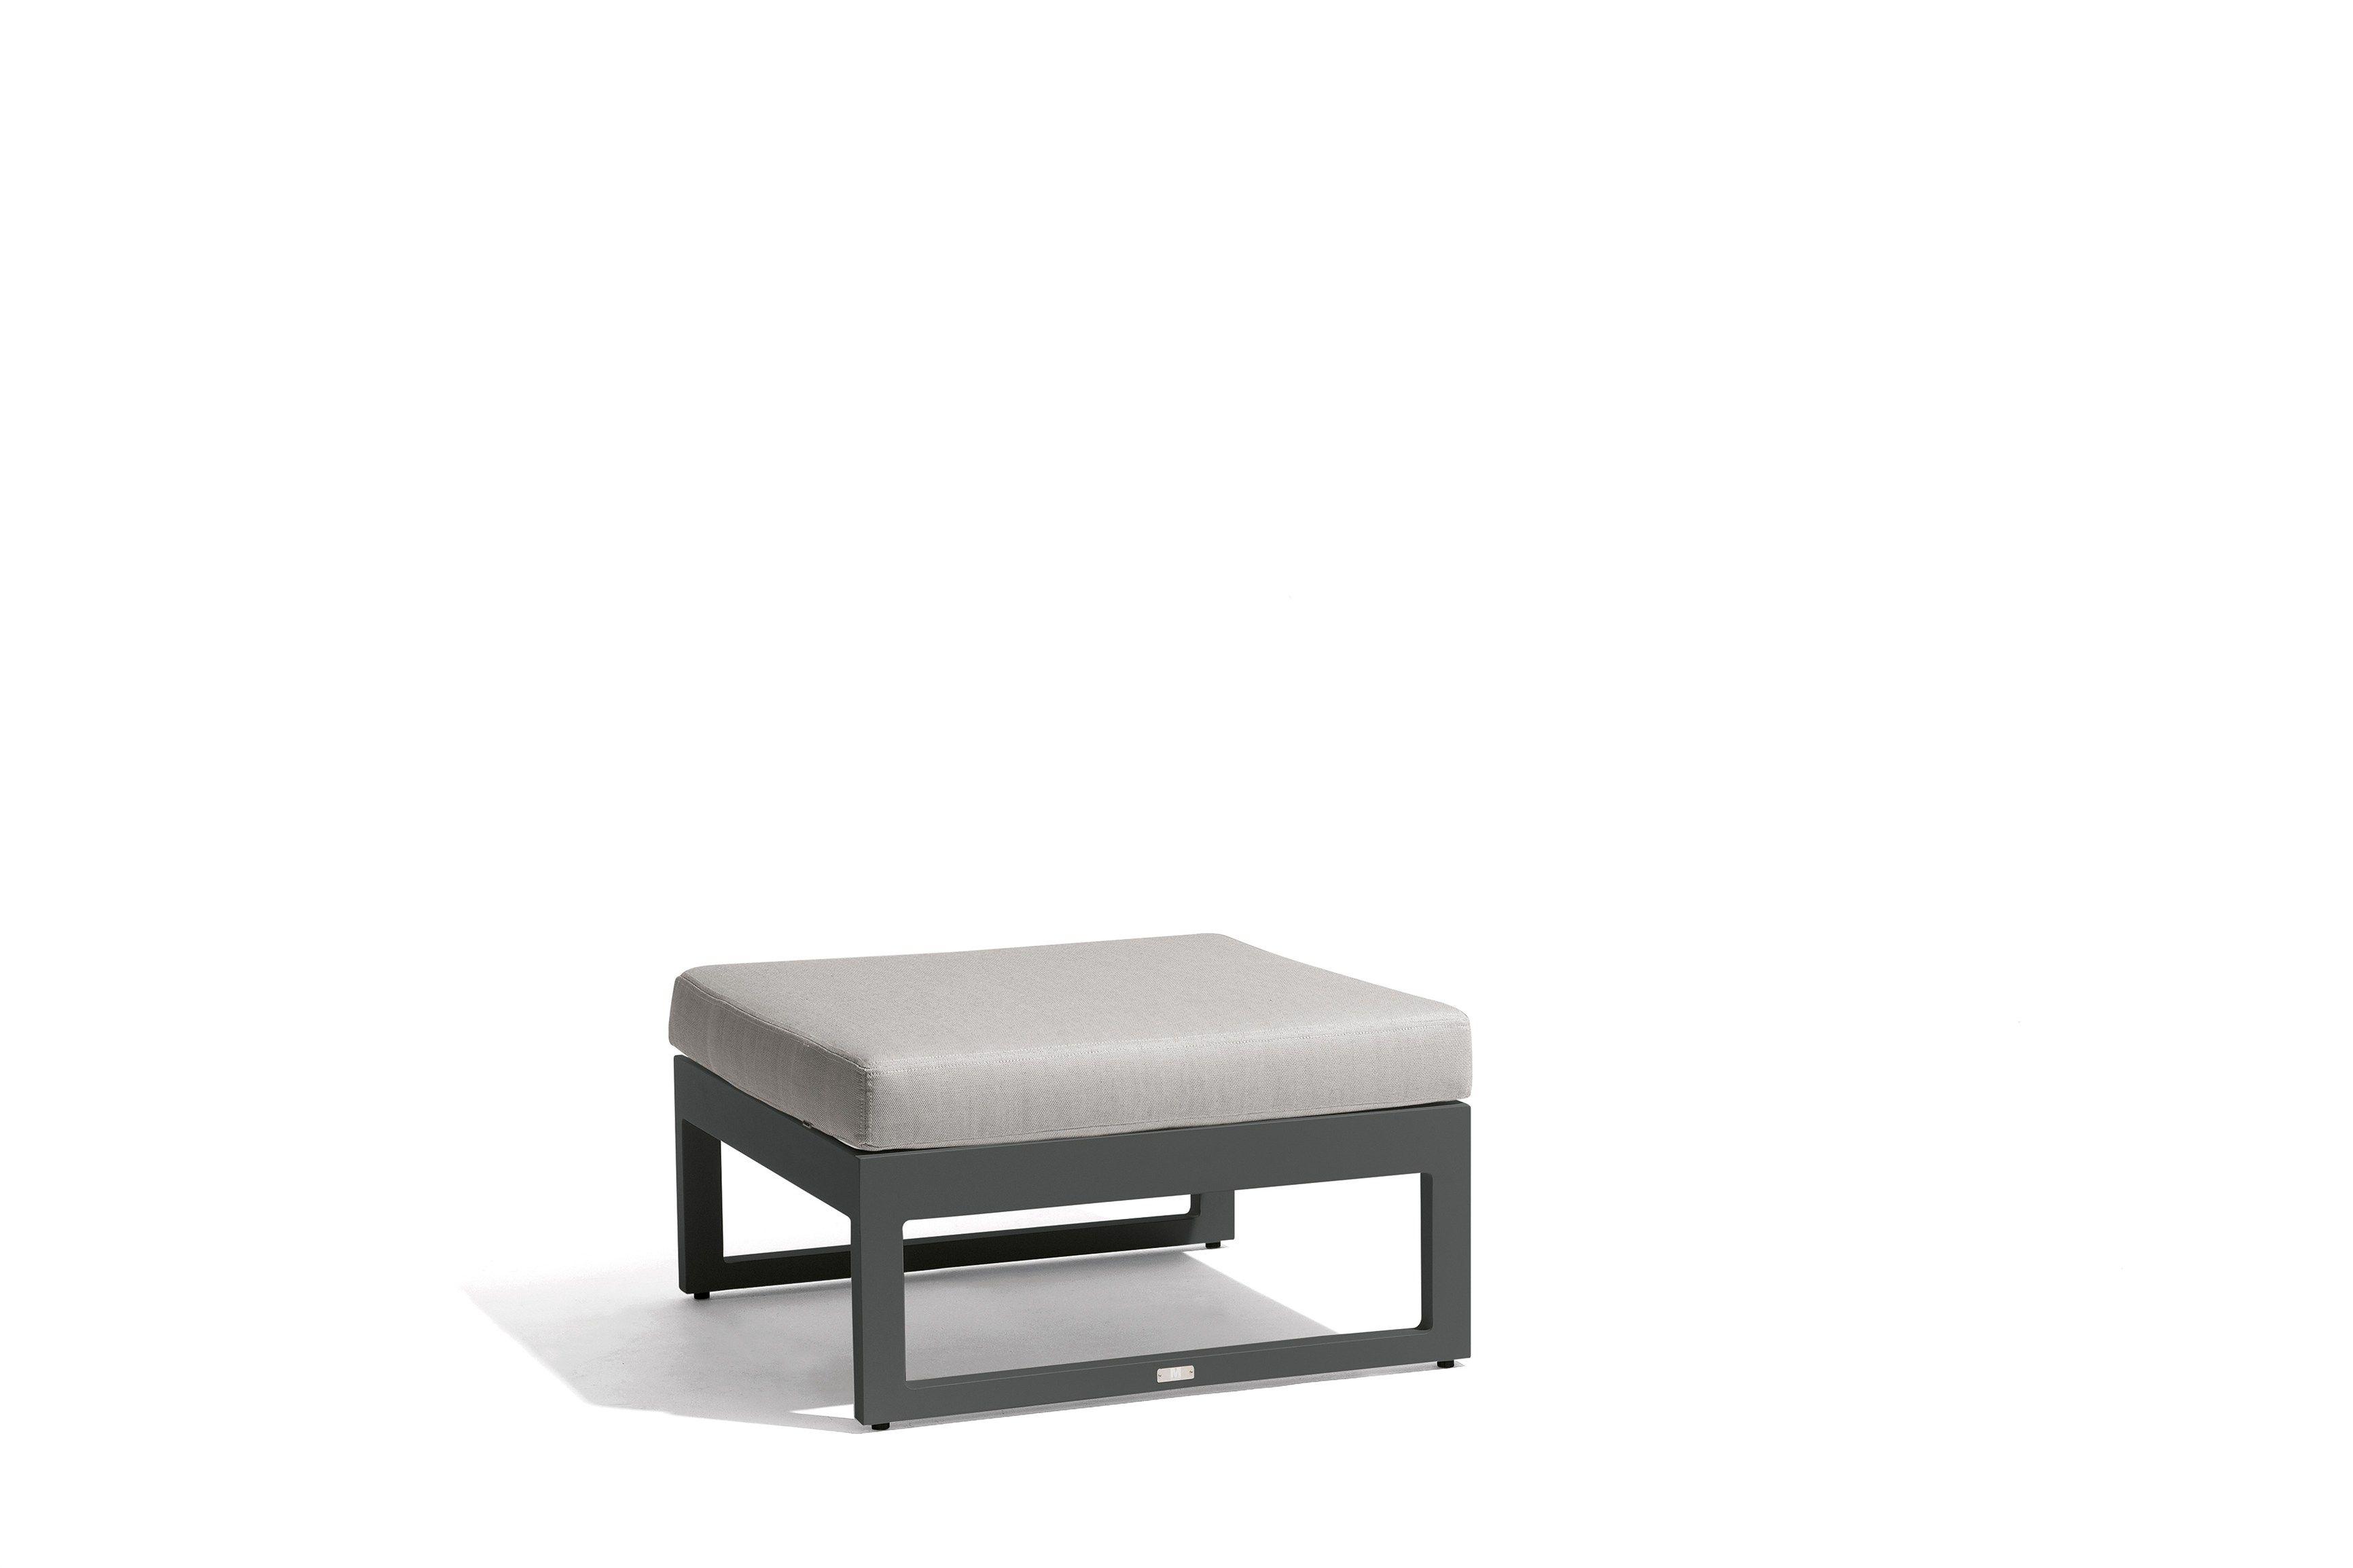 Modulares Outdoor Sofa Island | knutd.com